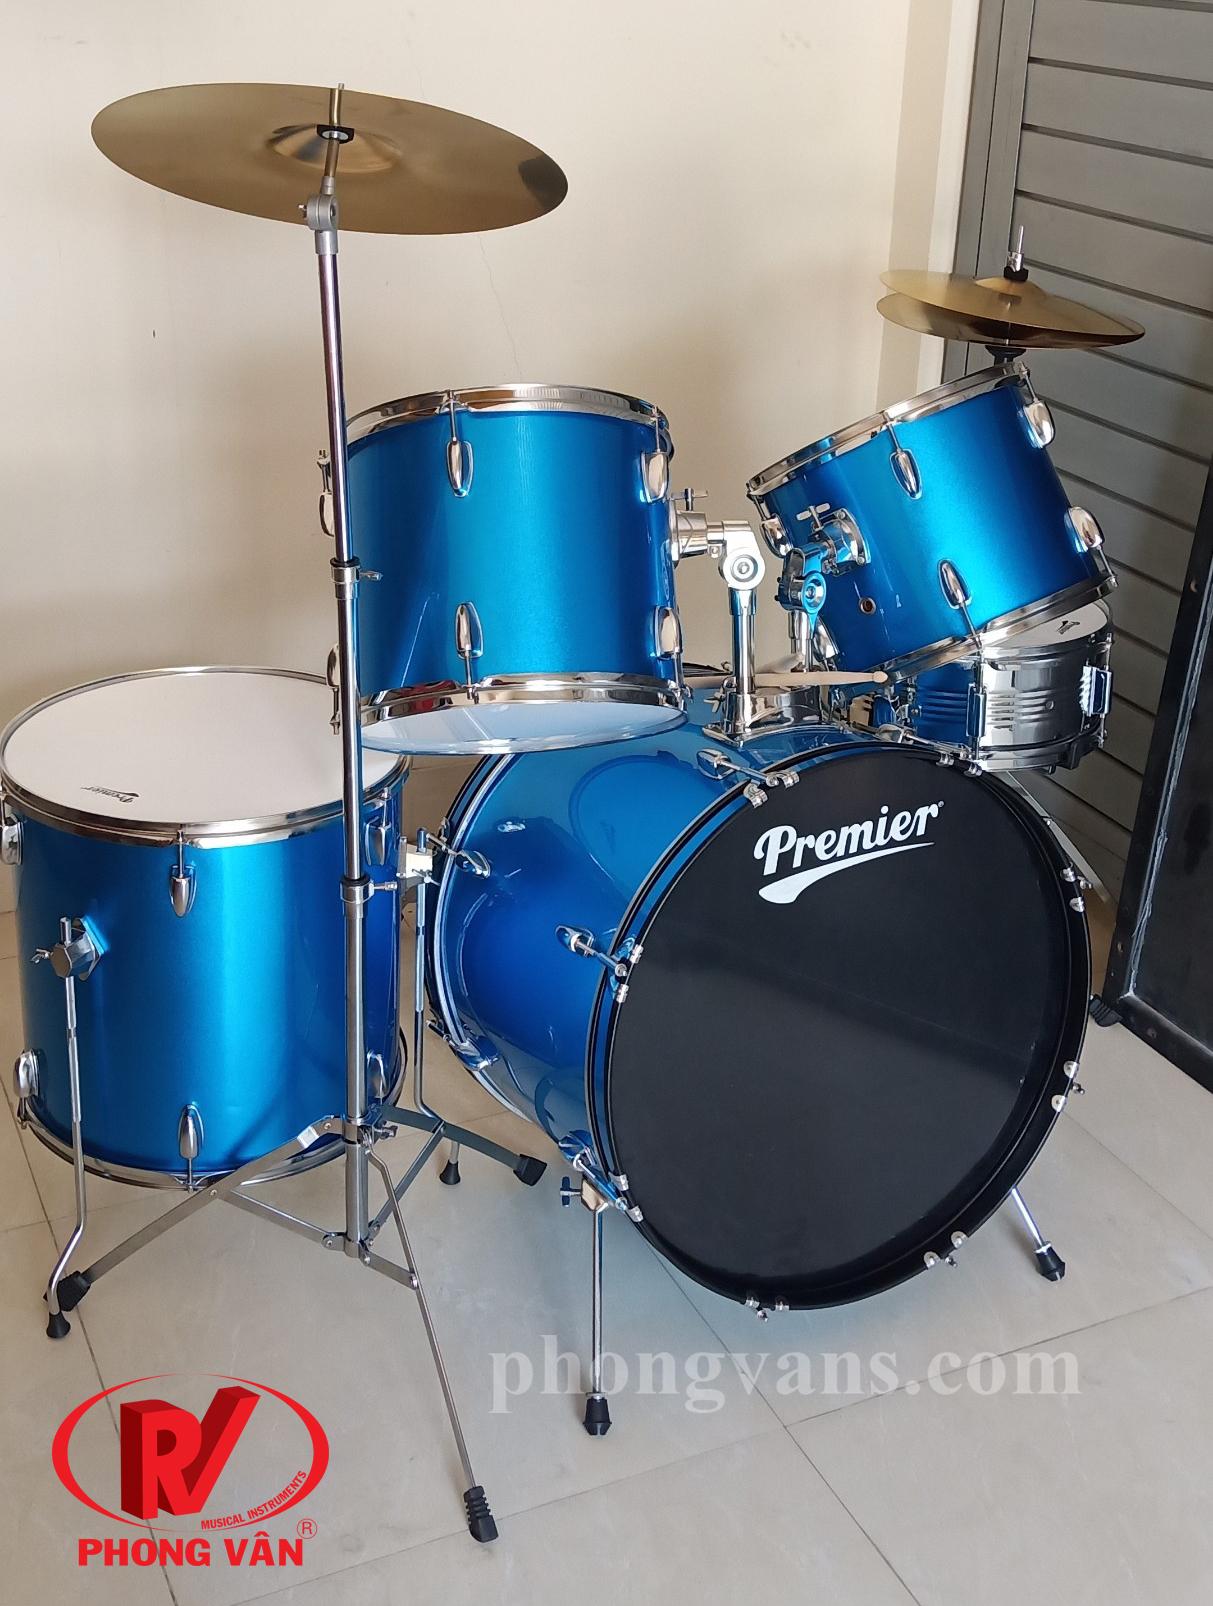 Trống nhạc jazz cơ Premier màu xanh